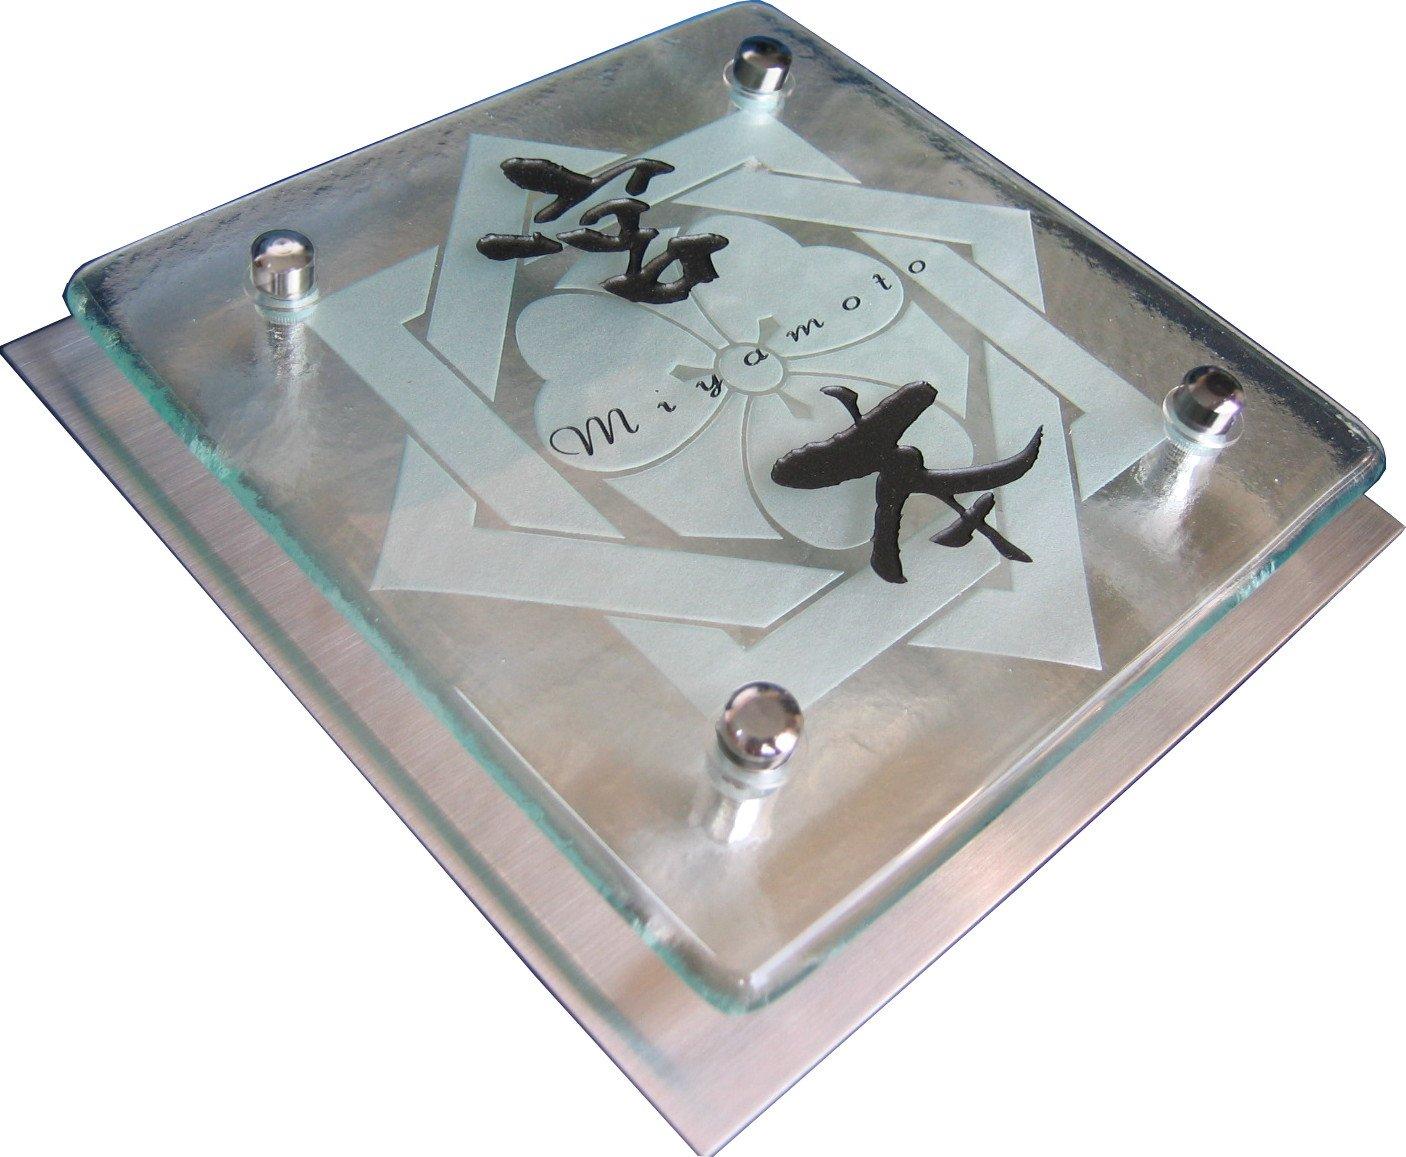 家紋入りガラス表札 我が家の家紋が玄関を飾る-クリア家紋 150×150mm ステンレス板(165×165mm)付き B017VQ2VZM 21988